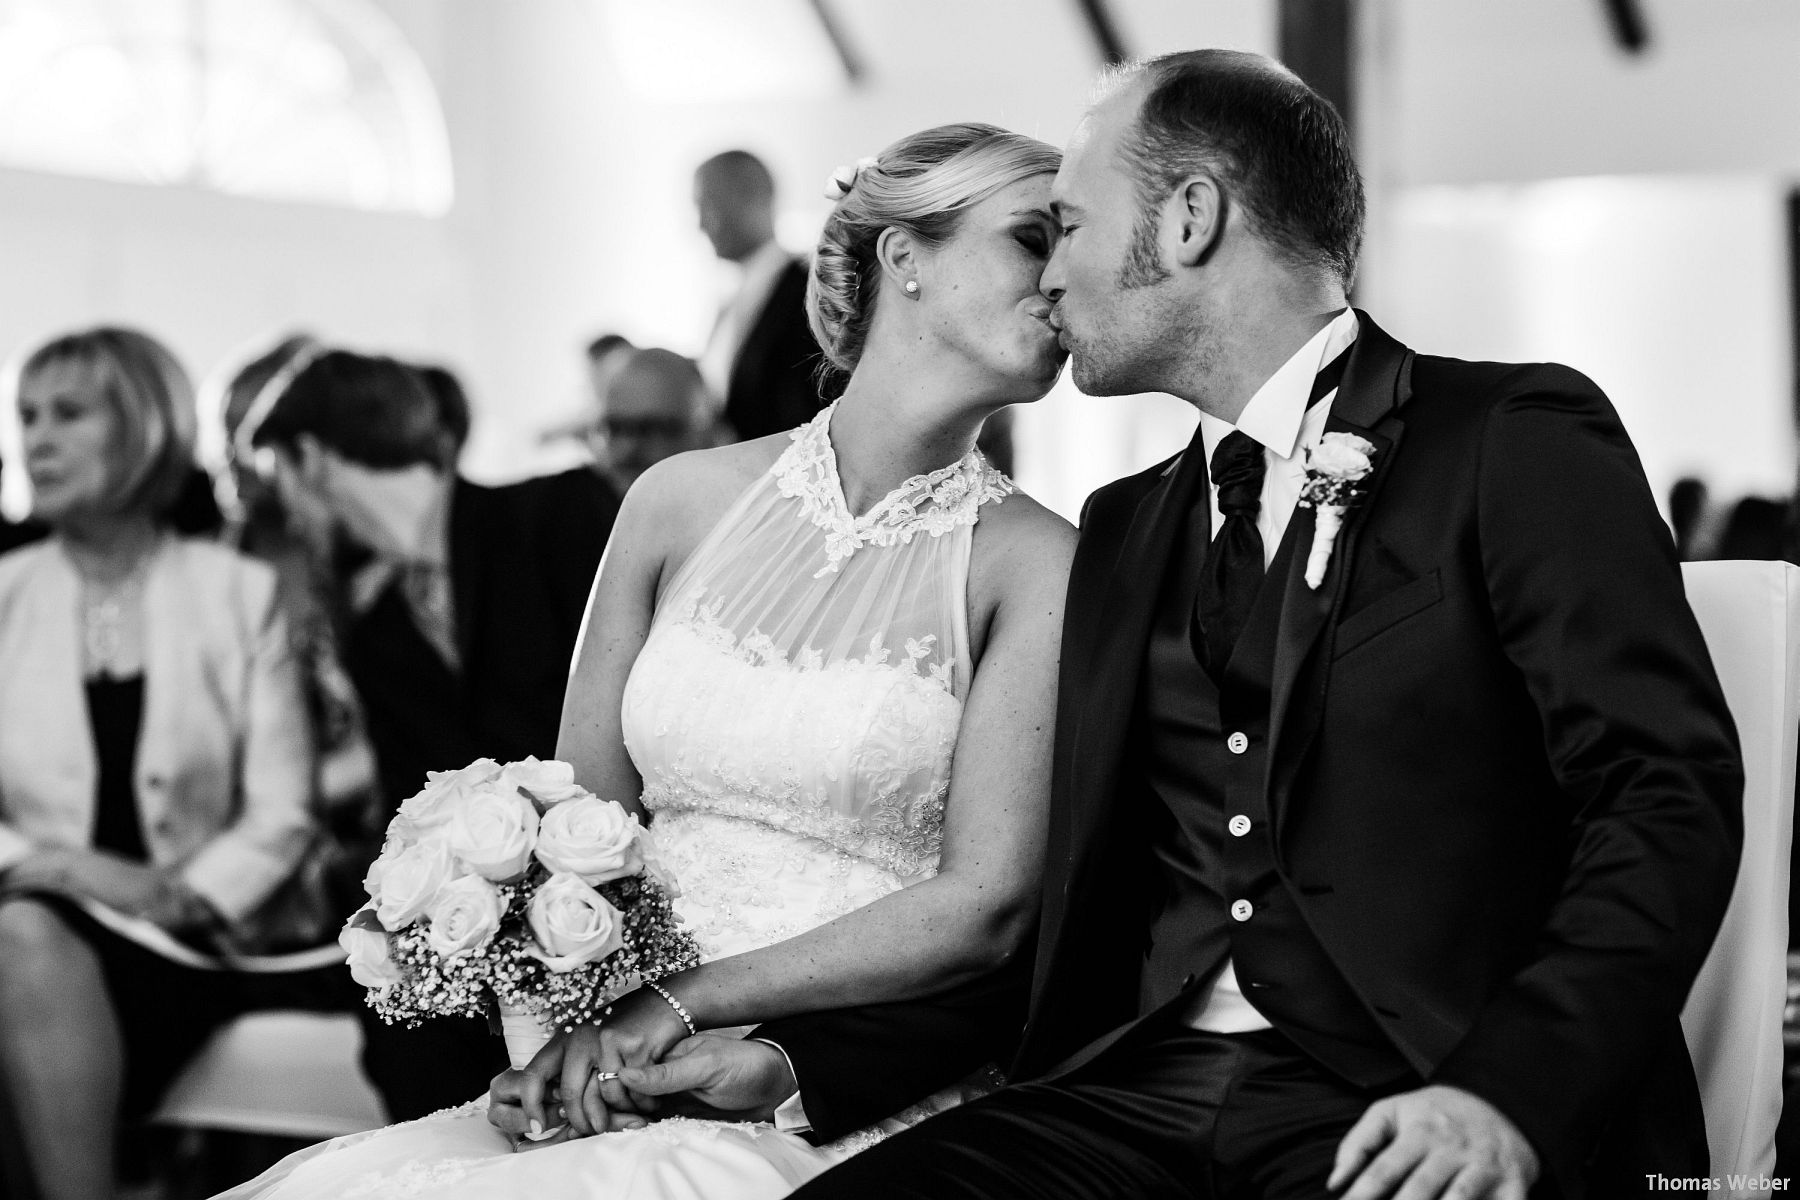 Hochzeitsfotograf Thomas Weber aus Oldenburg (27)